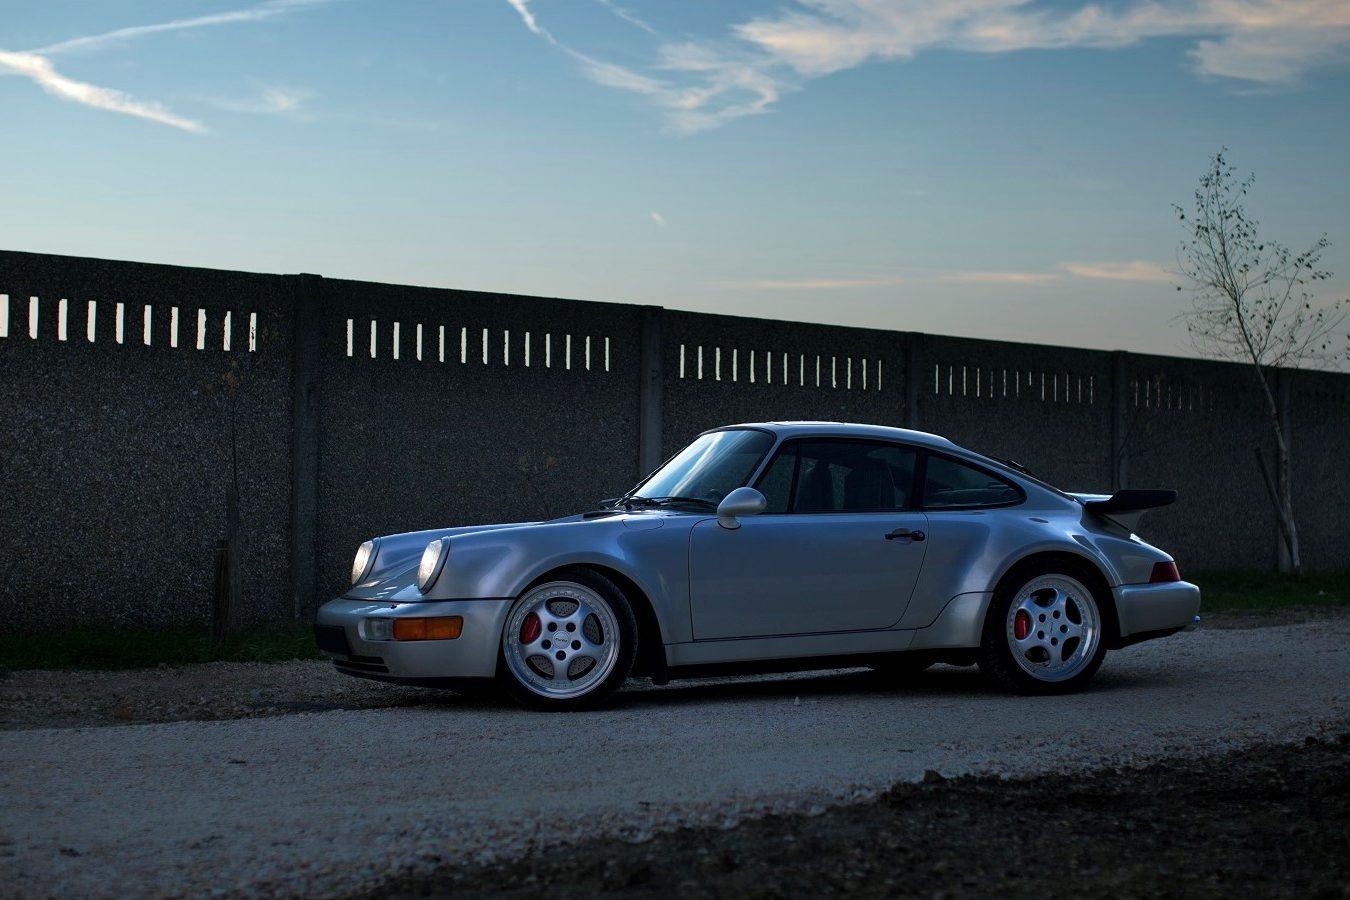 Porsche 964 3,6 Turbo in Silbergrau von der Seite